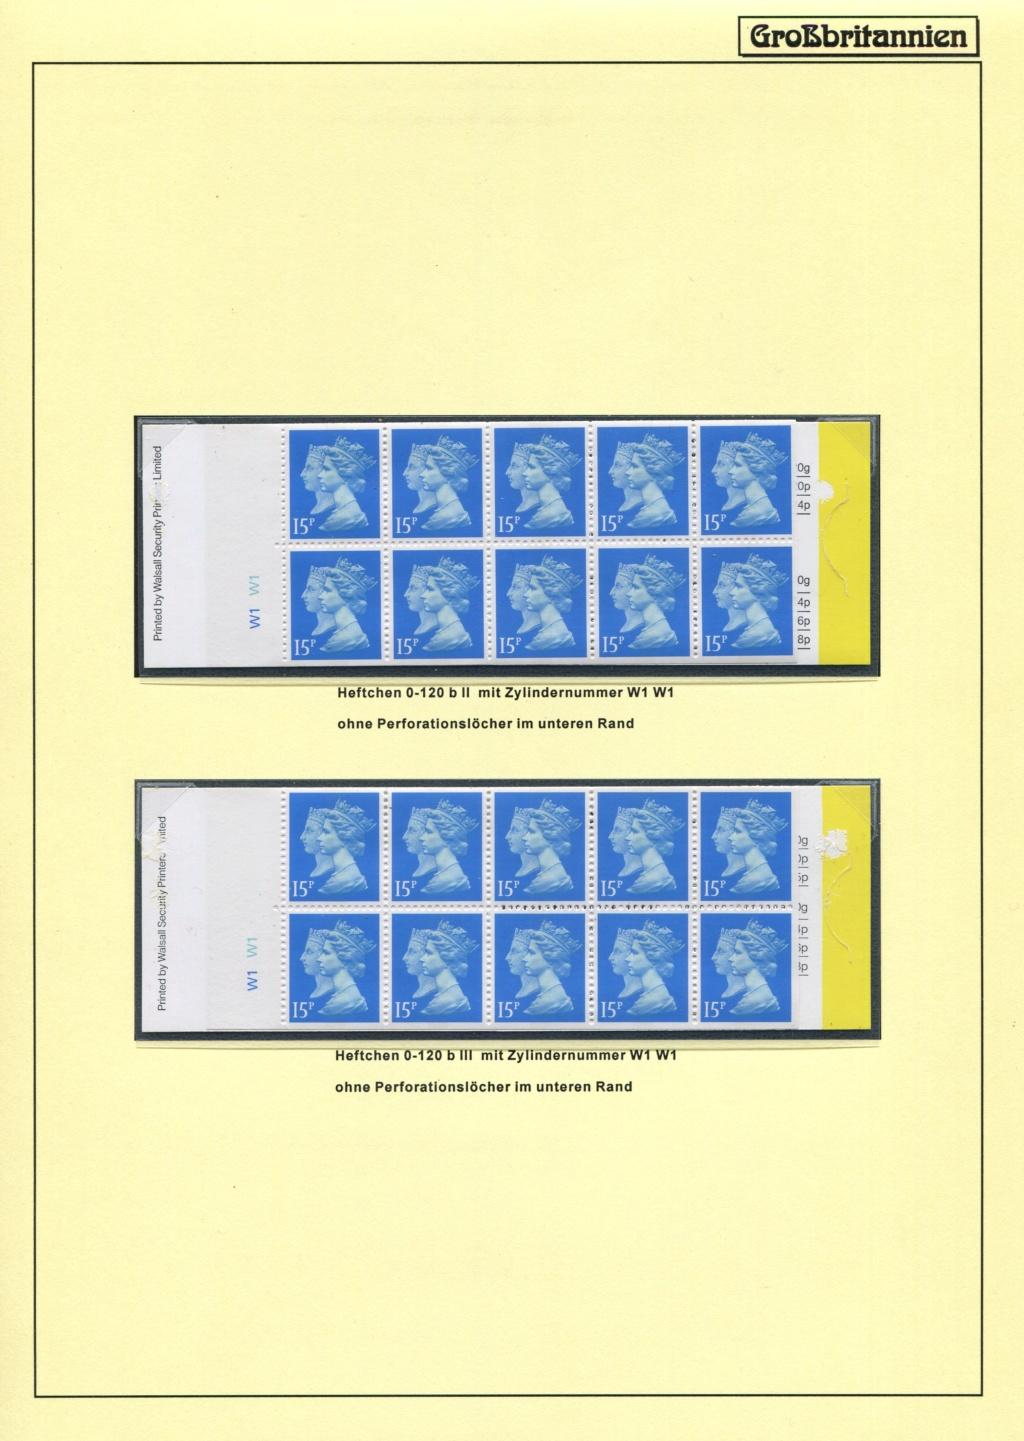 Großbritannien - 150 Jahre Briefmarken Black_58